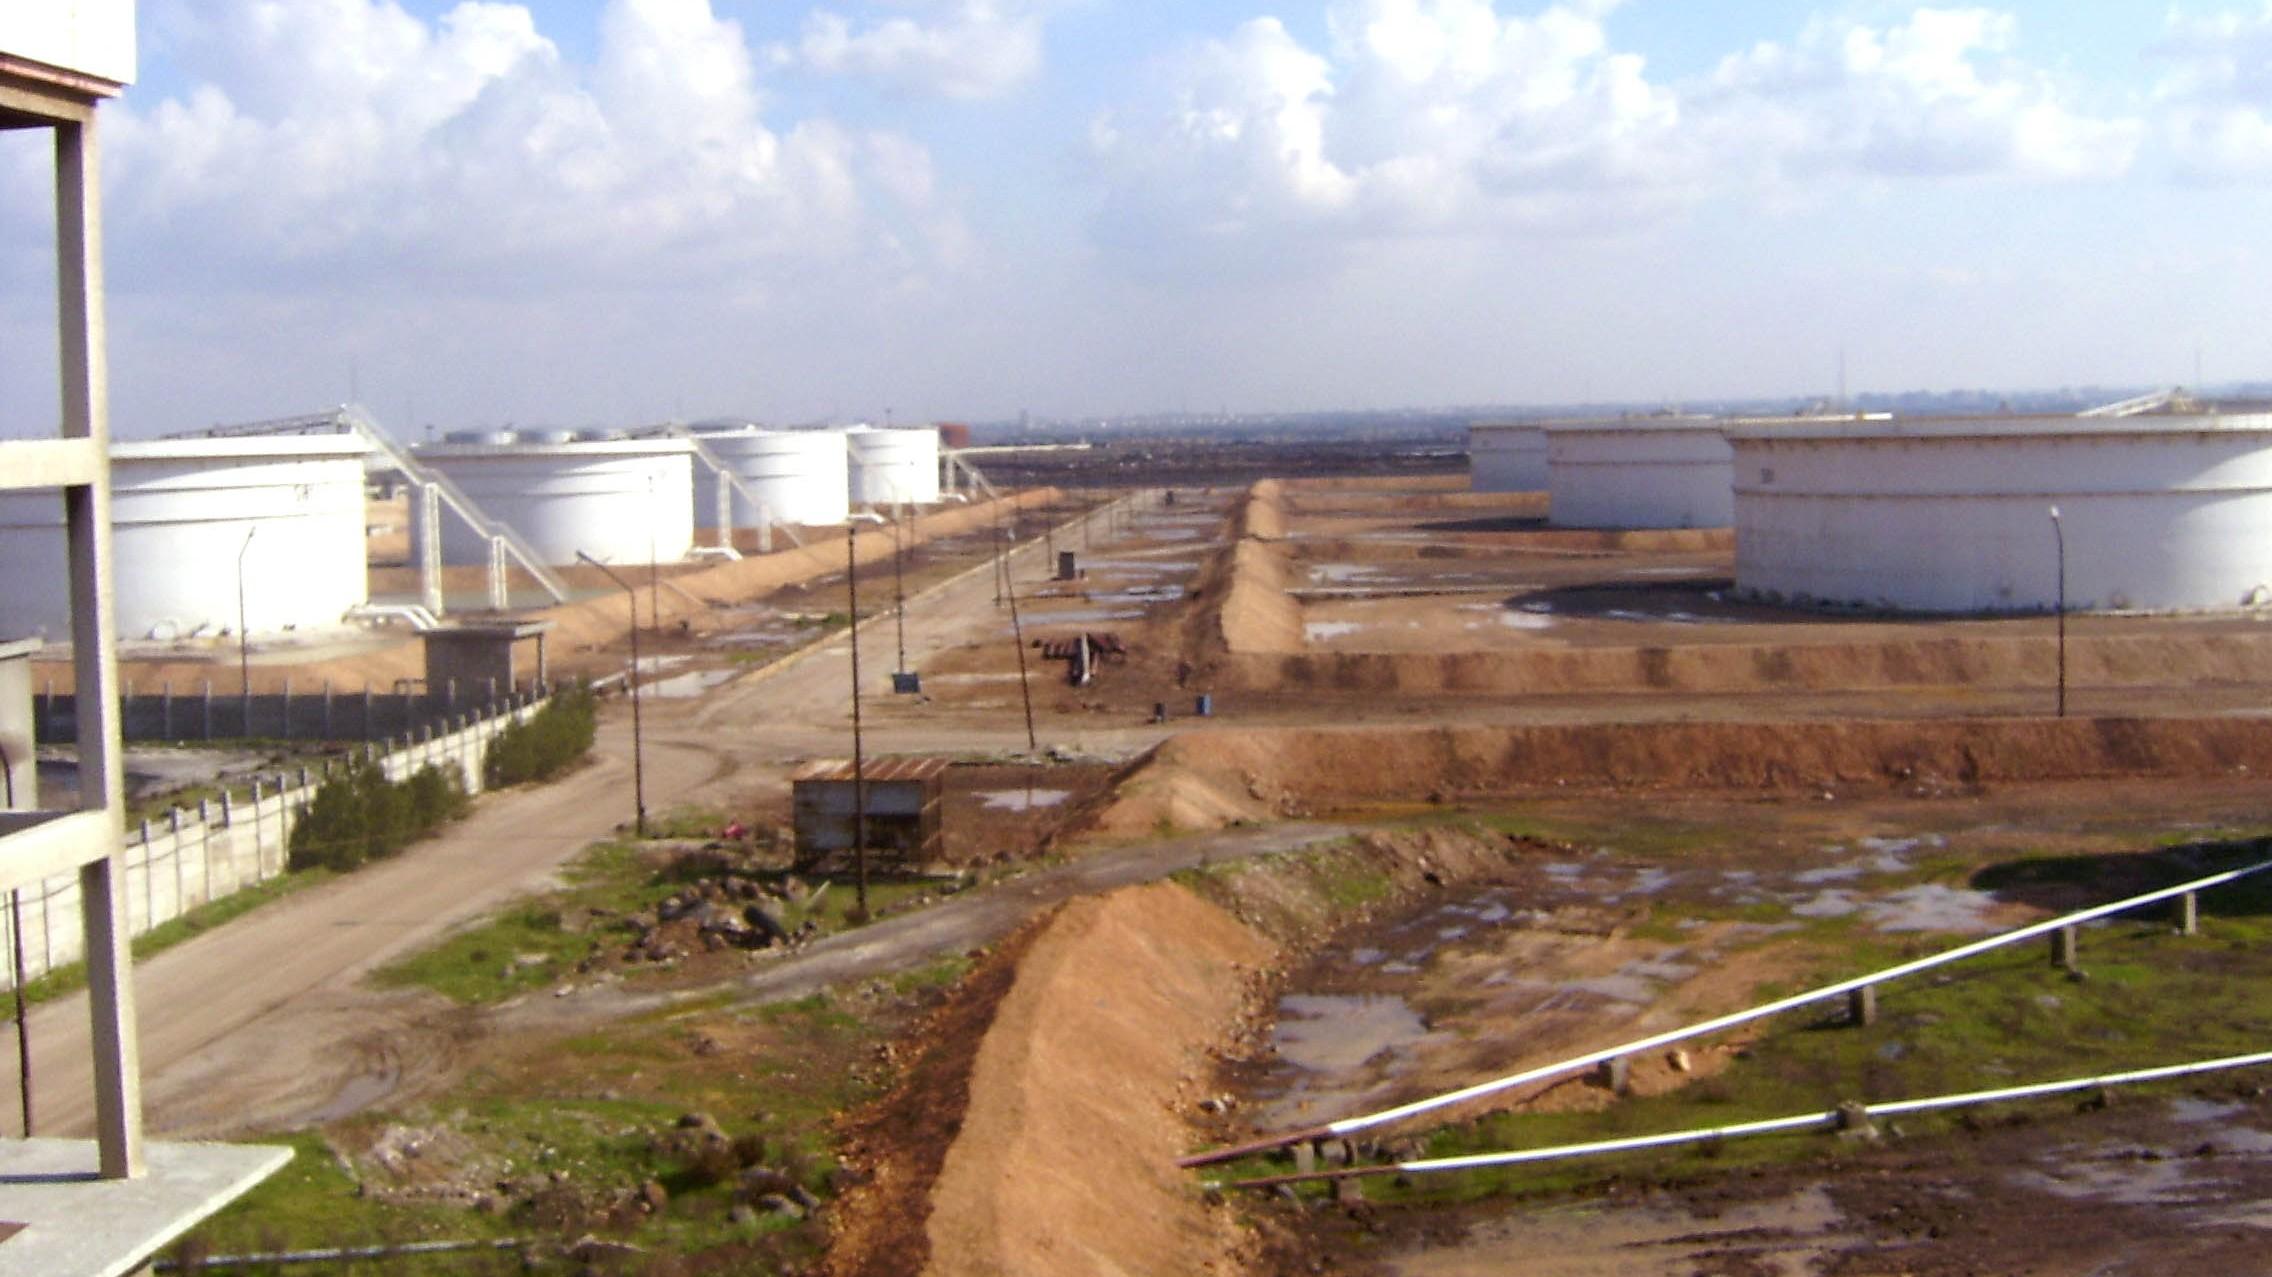 «محروقات» : إنتاج النفط الخام وصل إلى 23 ألف برميل يومياً .. ونستورد 90 بالمئة من احتياجاتنا من المشتقات النفطية